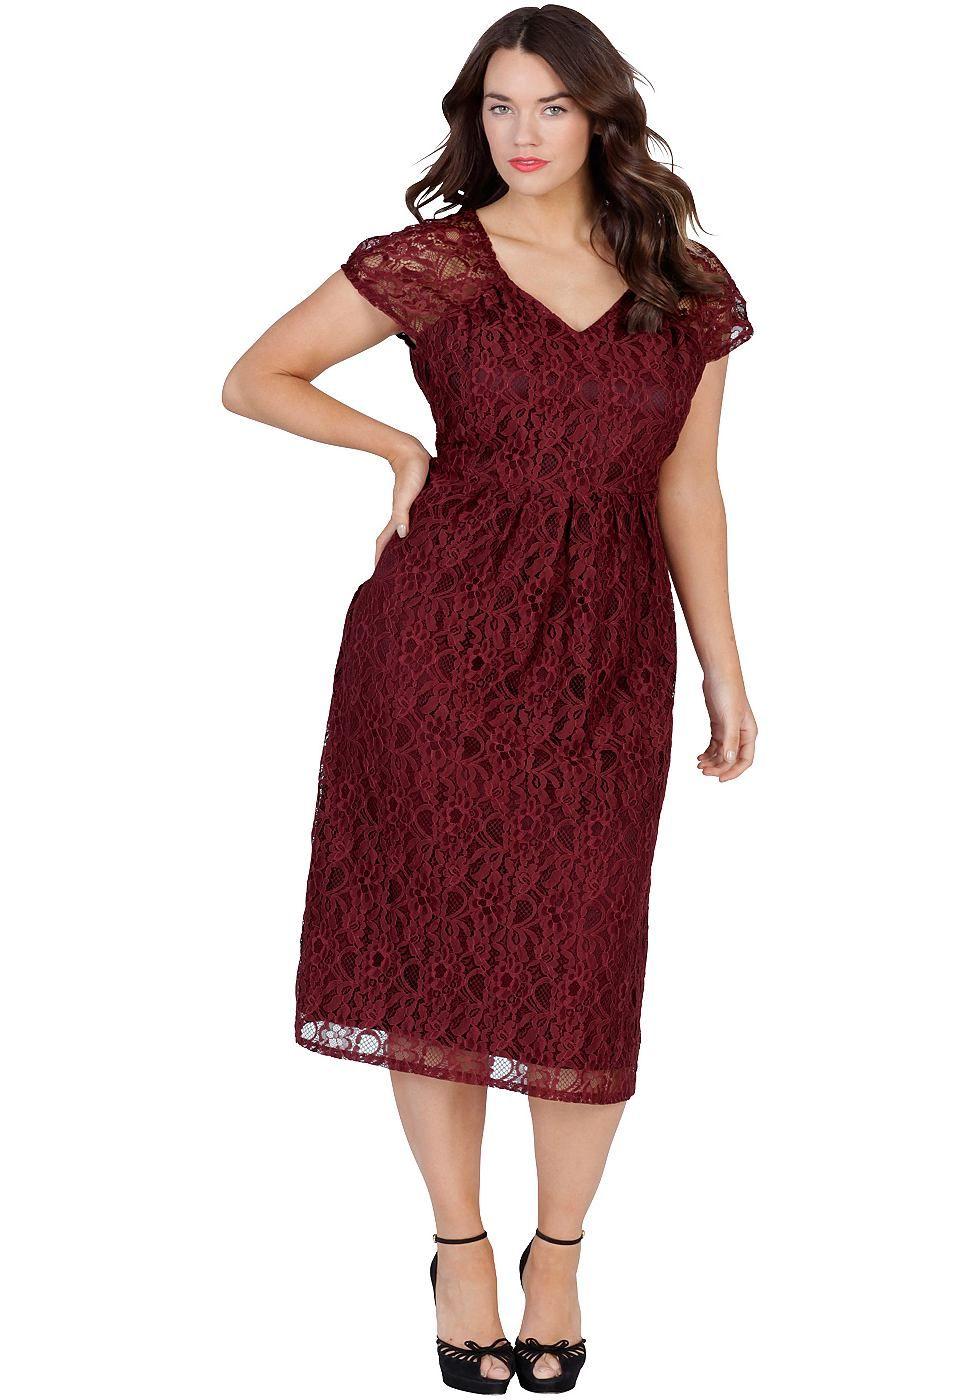 sheego anna scholz spitzenkleid online kaufen | otto